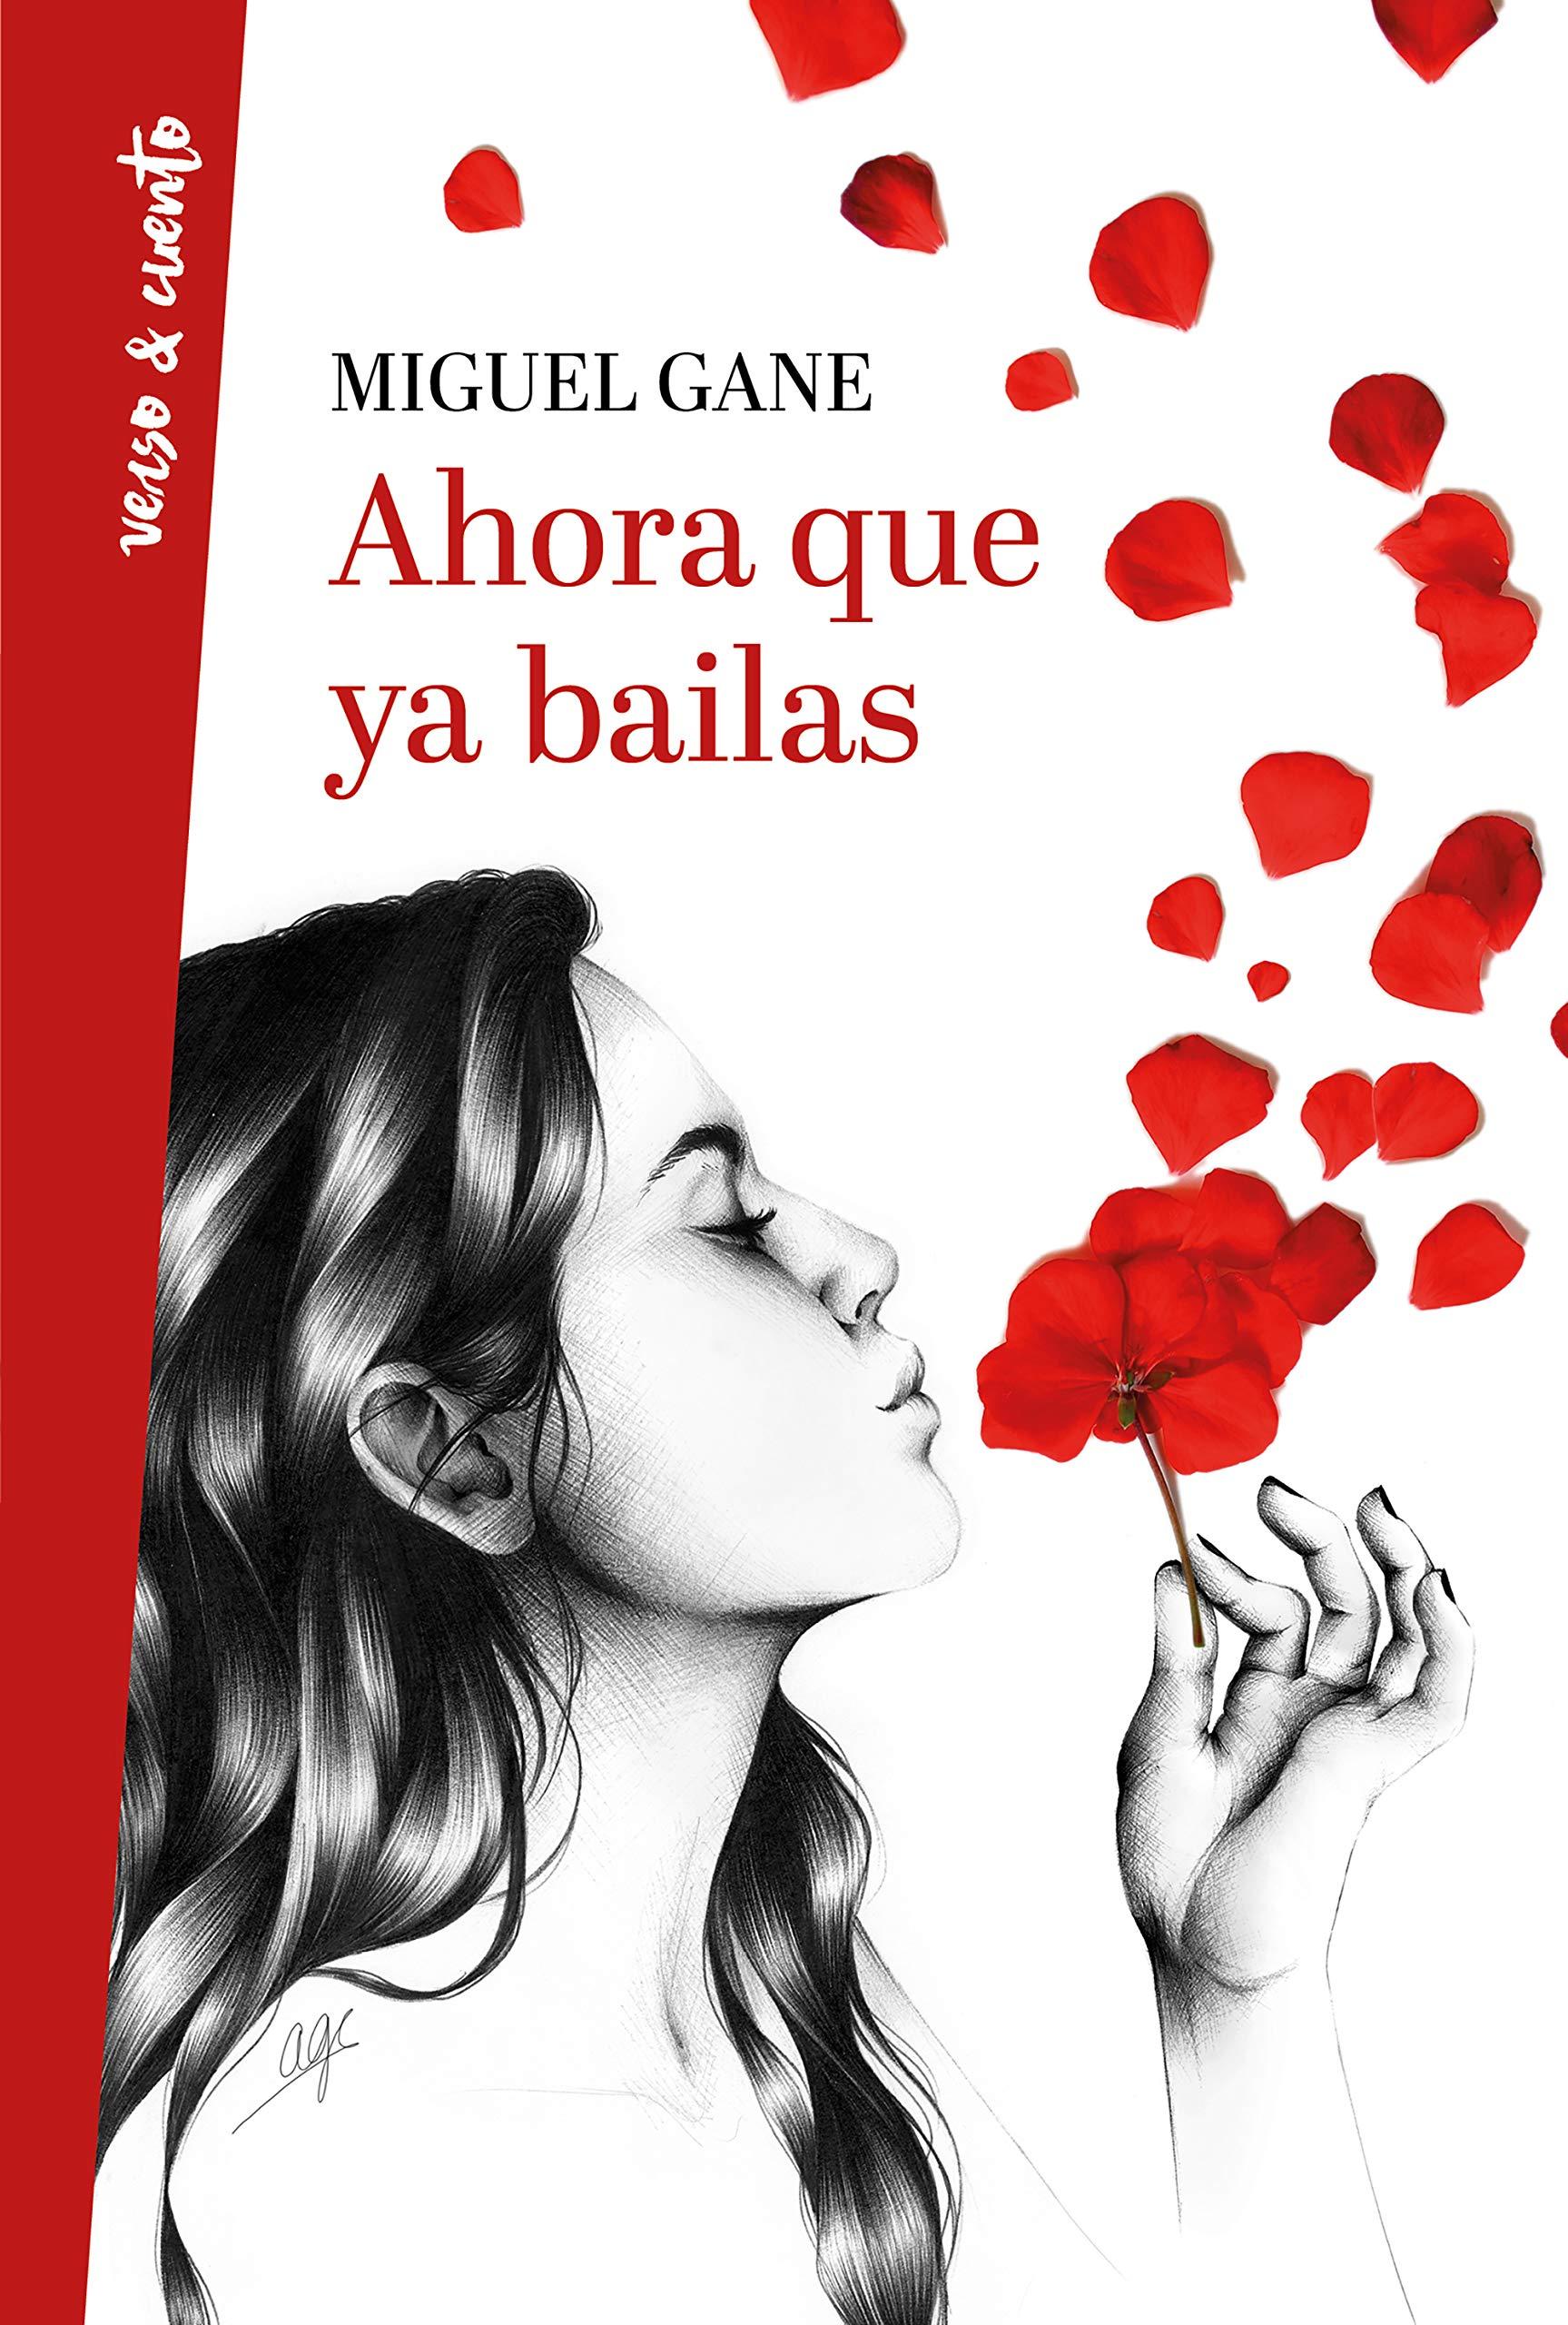 Ahora que ya bailas (Verso&Cuento): Amazon.es: Gane, Miguel: Libros